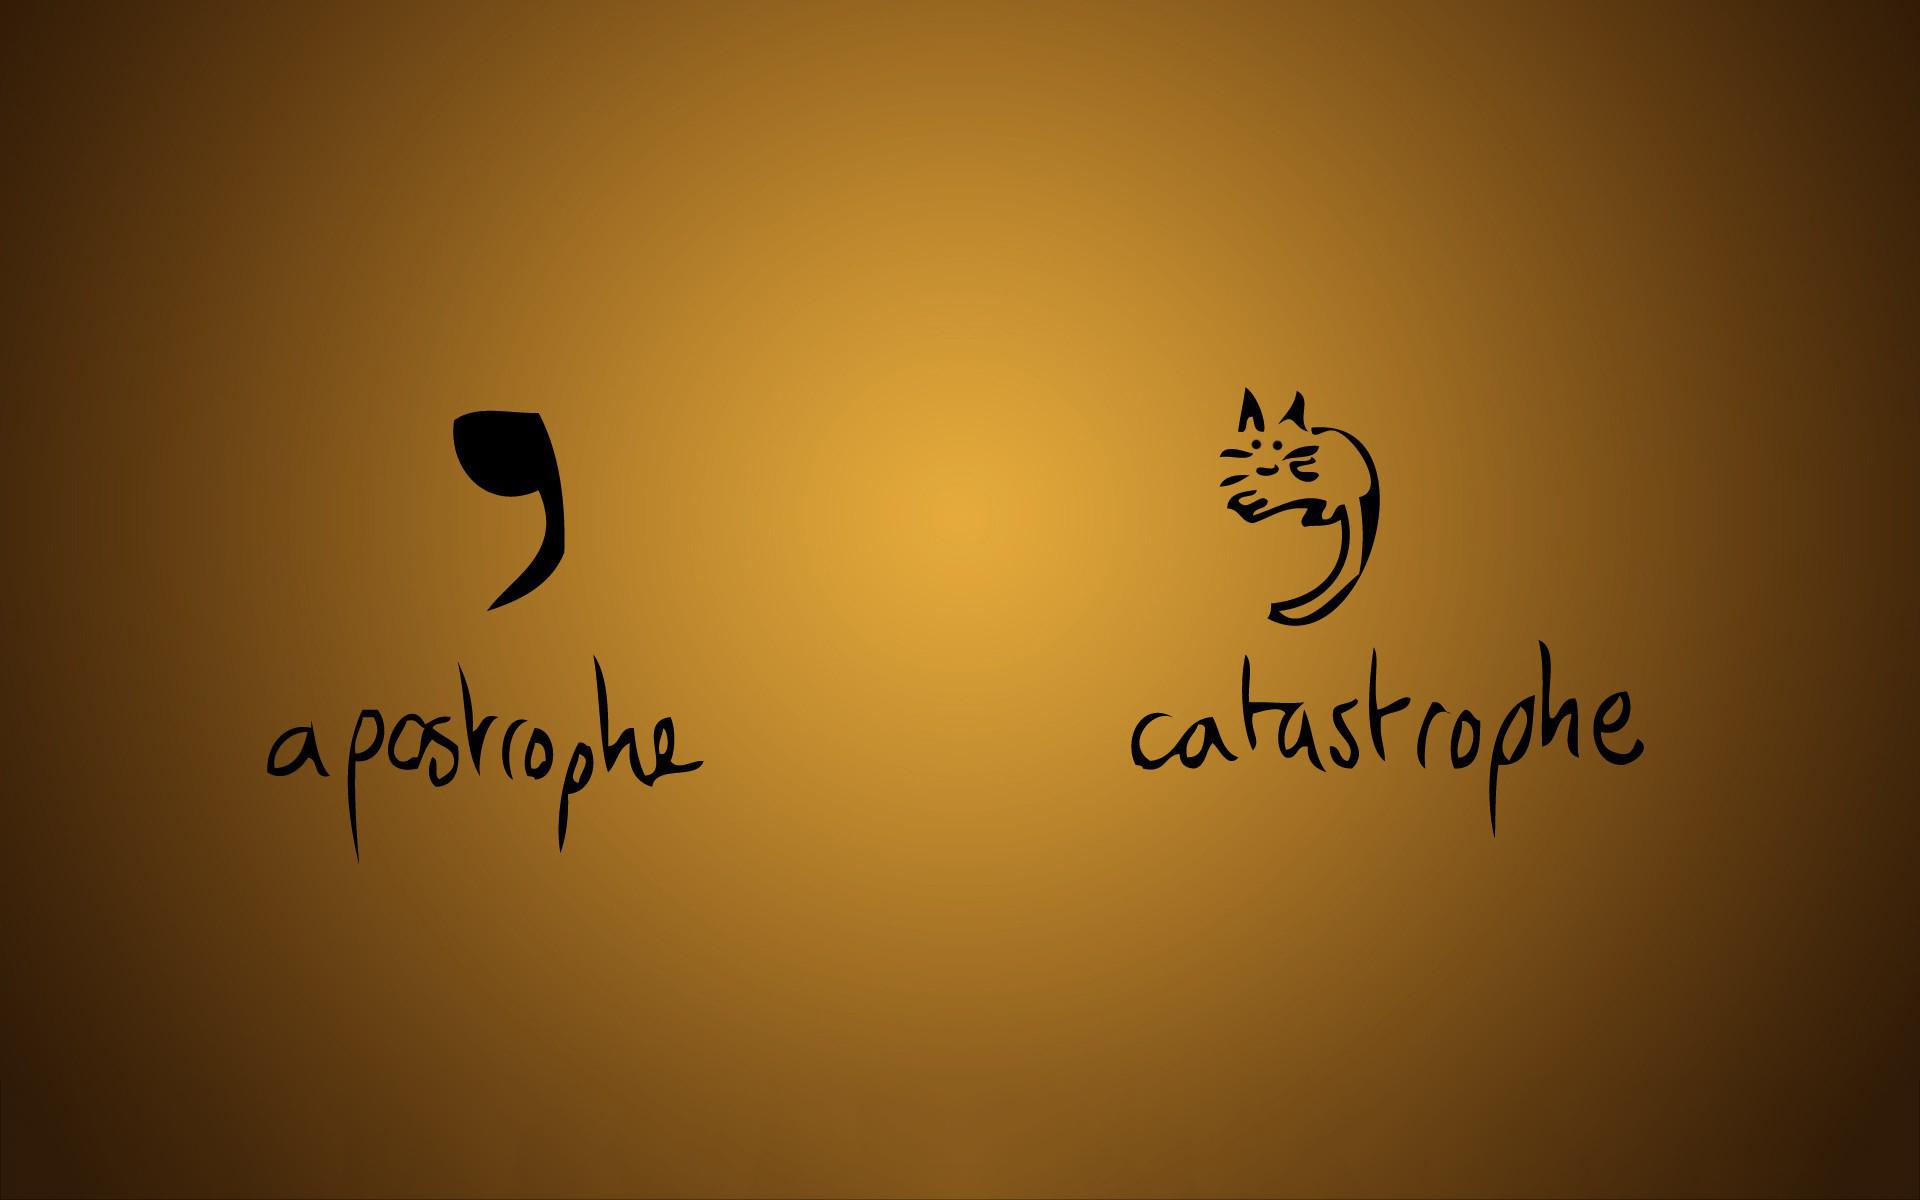 Apostrophe catastrophe